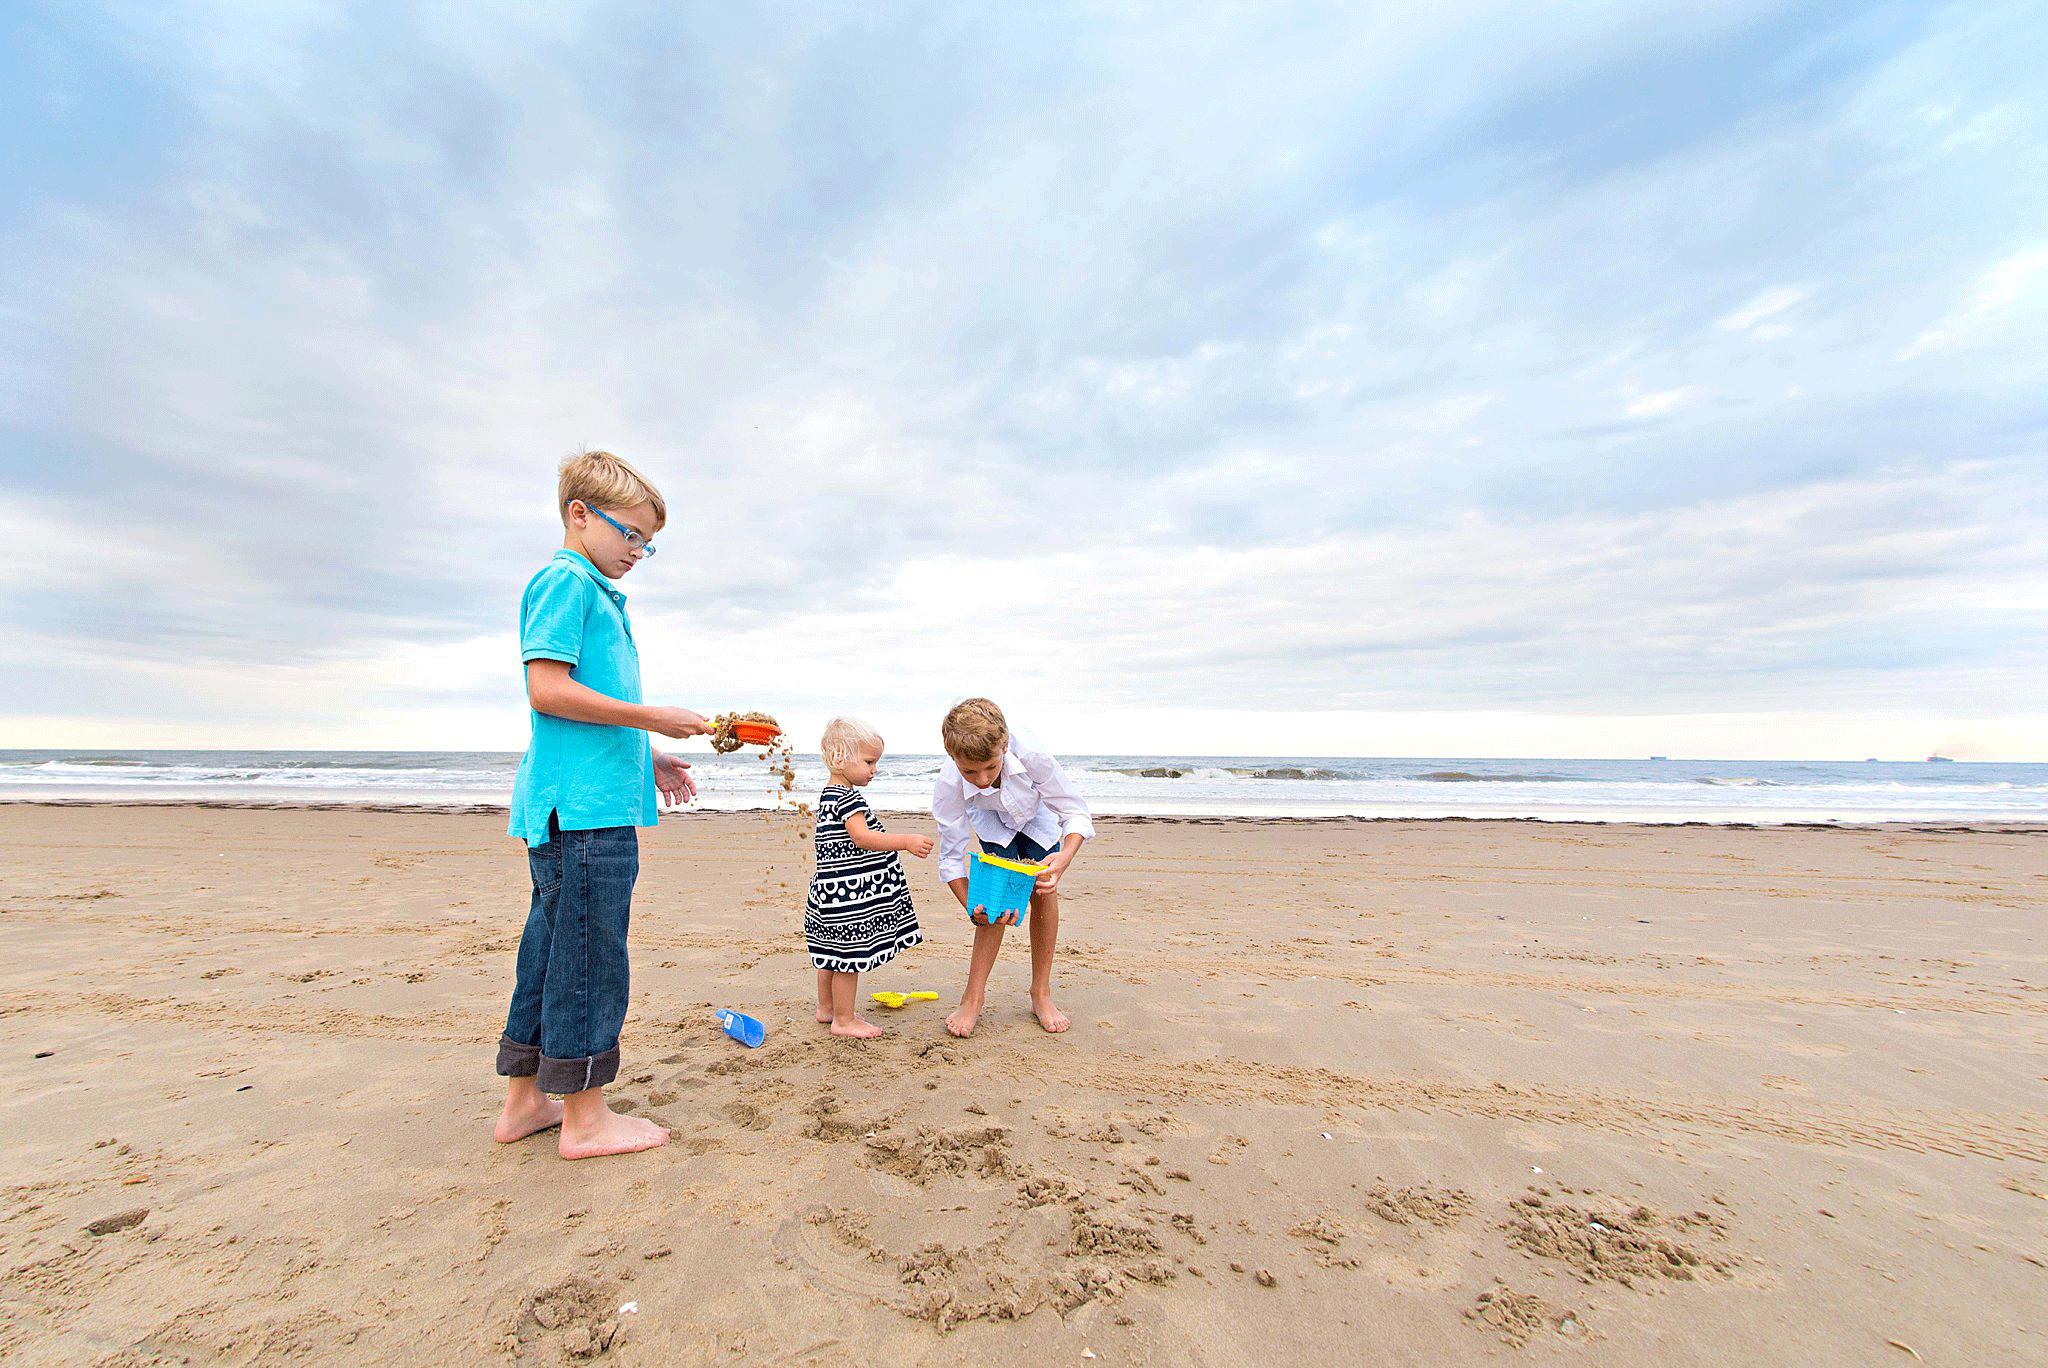 child-and-family-lifestyle-photographers-virginia-beach-sandbridge-beach-photos-family-portraits.png